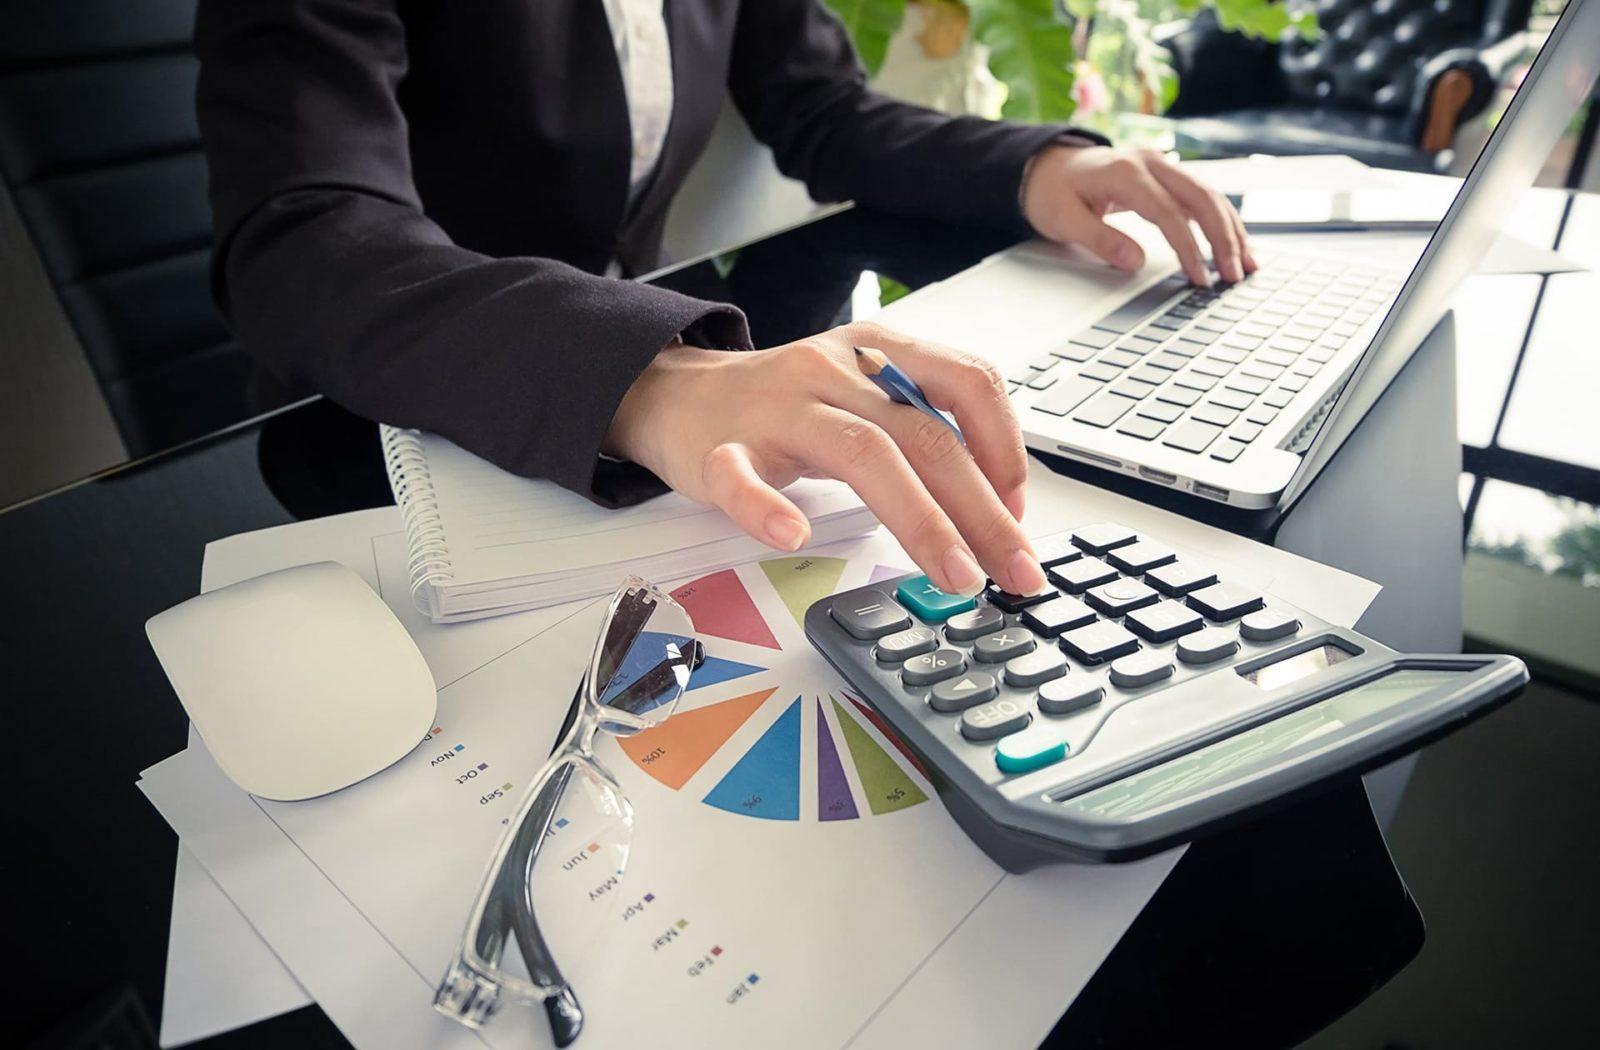 Профессиональный аутсорсинг бухгалтерских услуг в Москве картинка